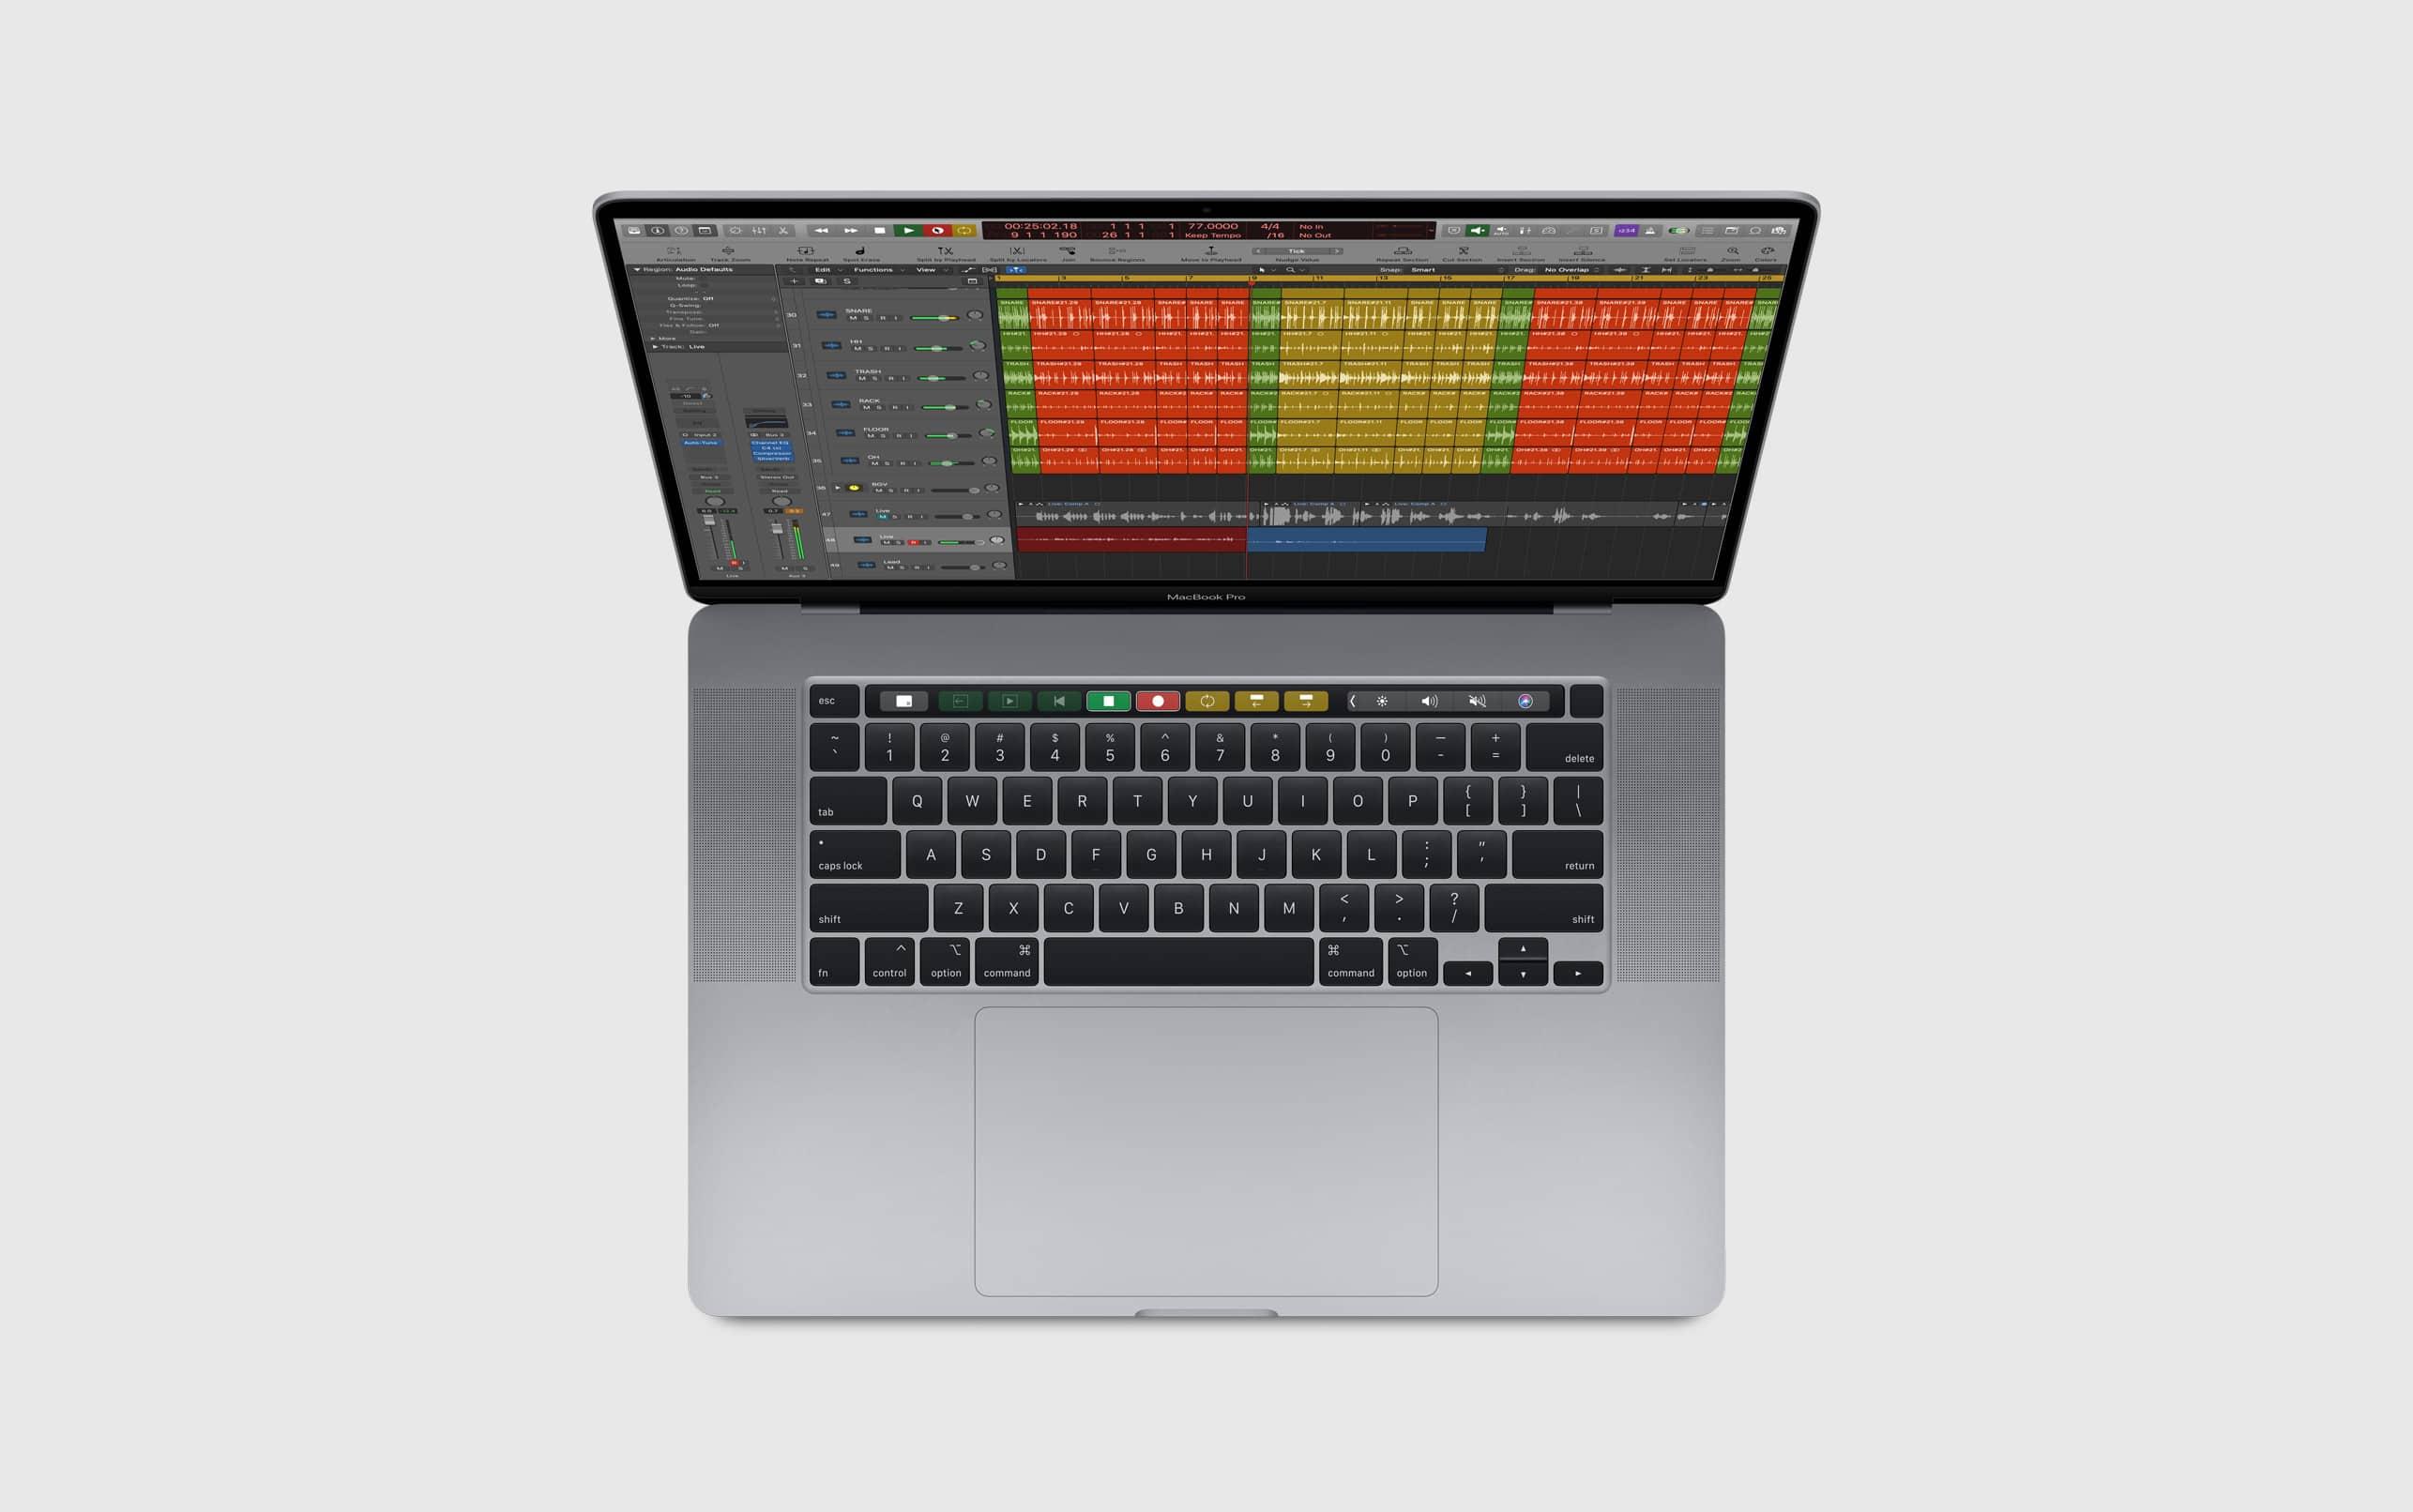 Teclado do MacBook Pro de 16 polegadas